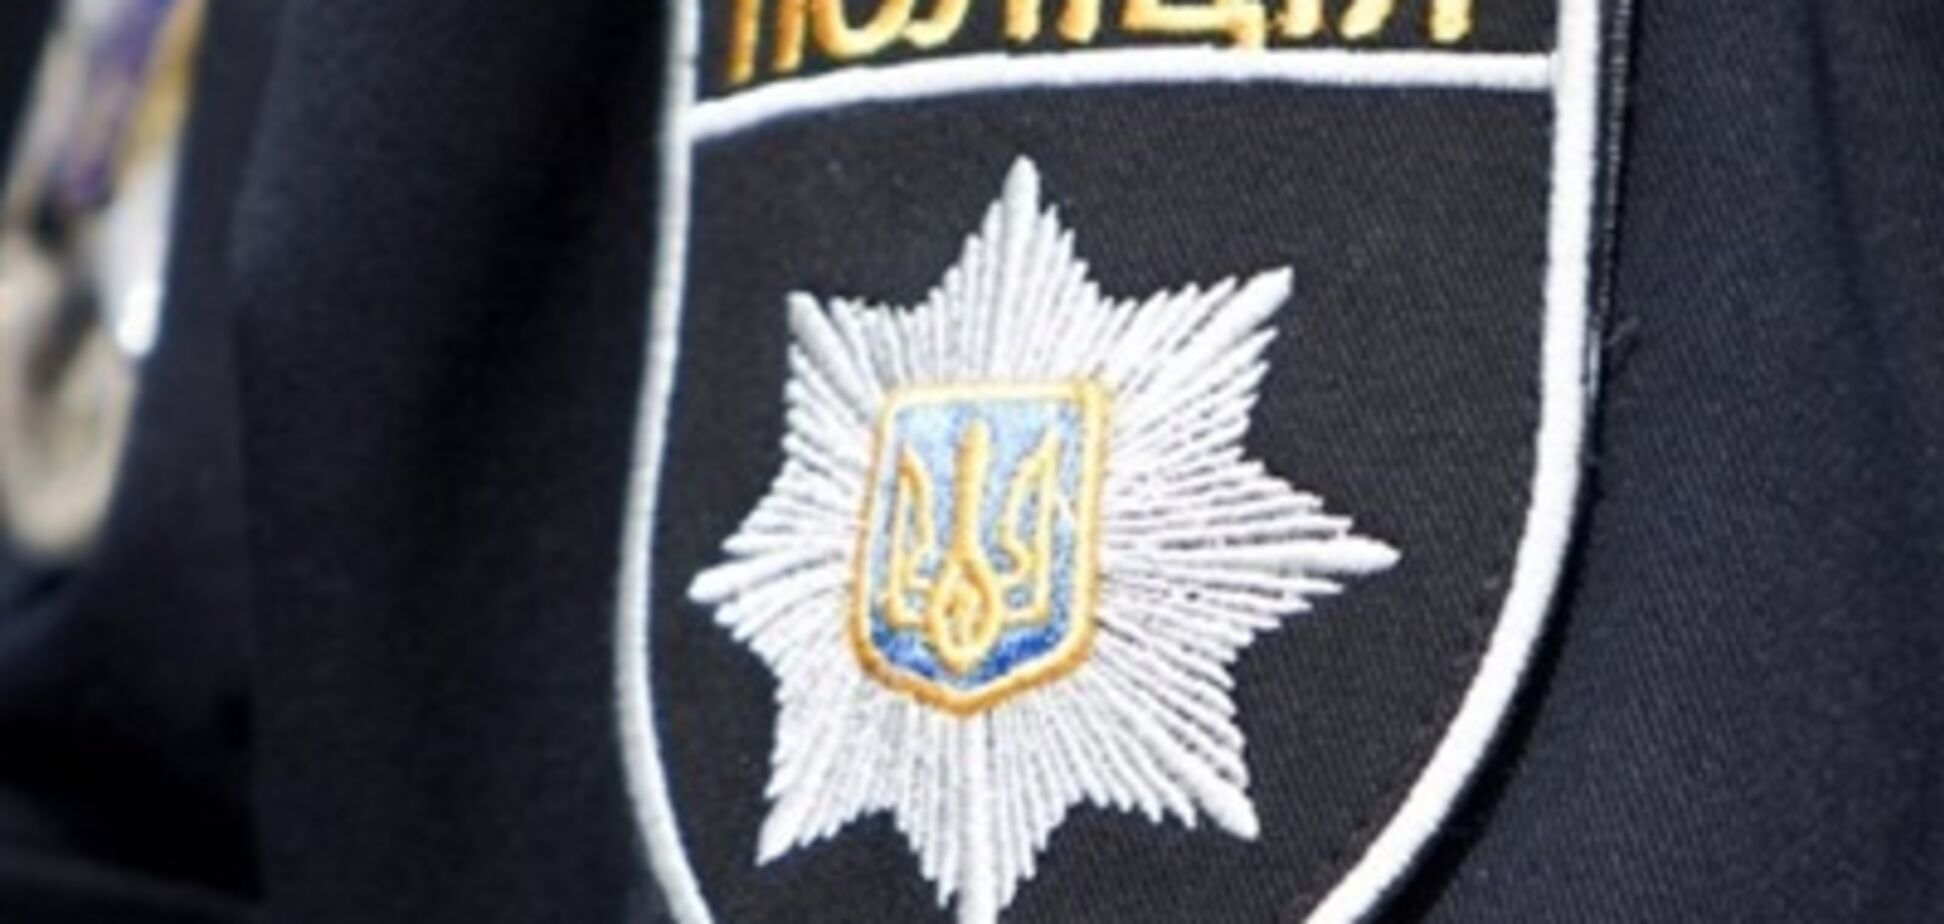 Ветерана АТО зарізали під Житомиром: у поліції розкрили подробиці